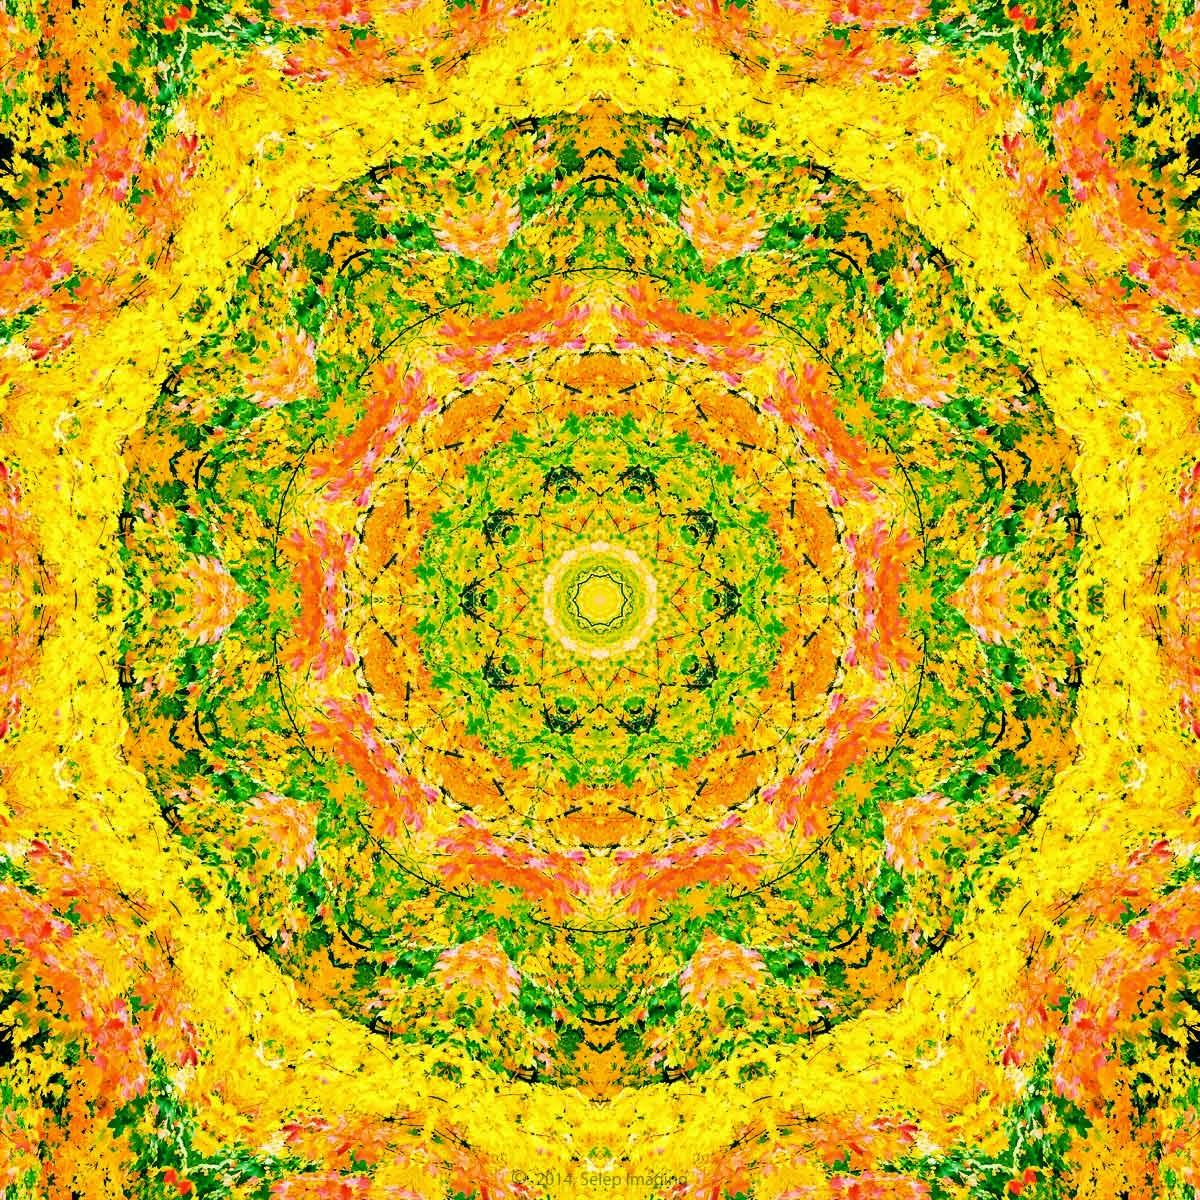 Kaleidoscope free desktop background by Jeanne Selep